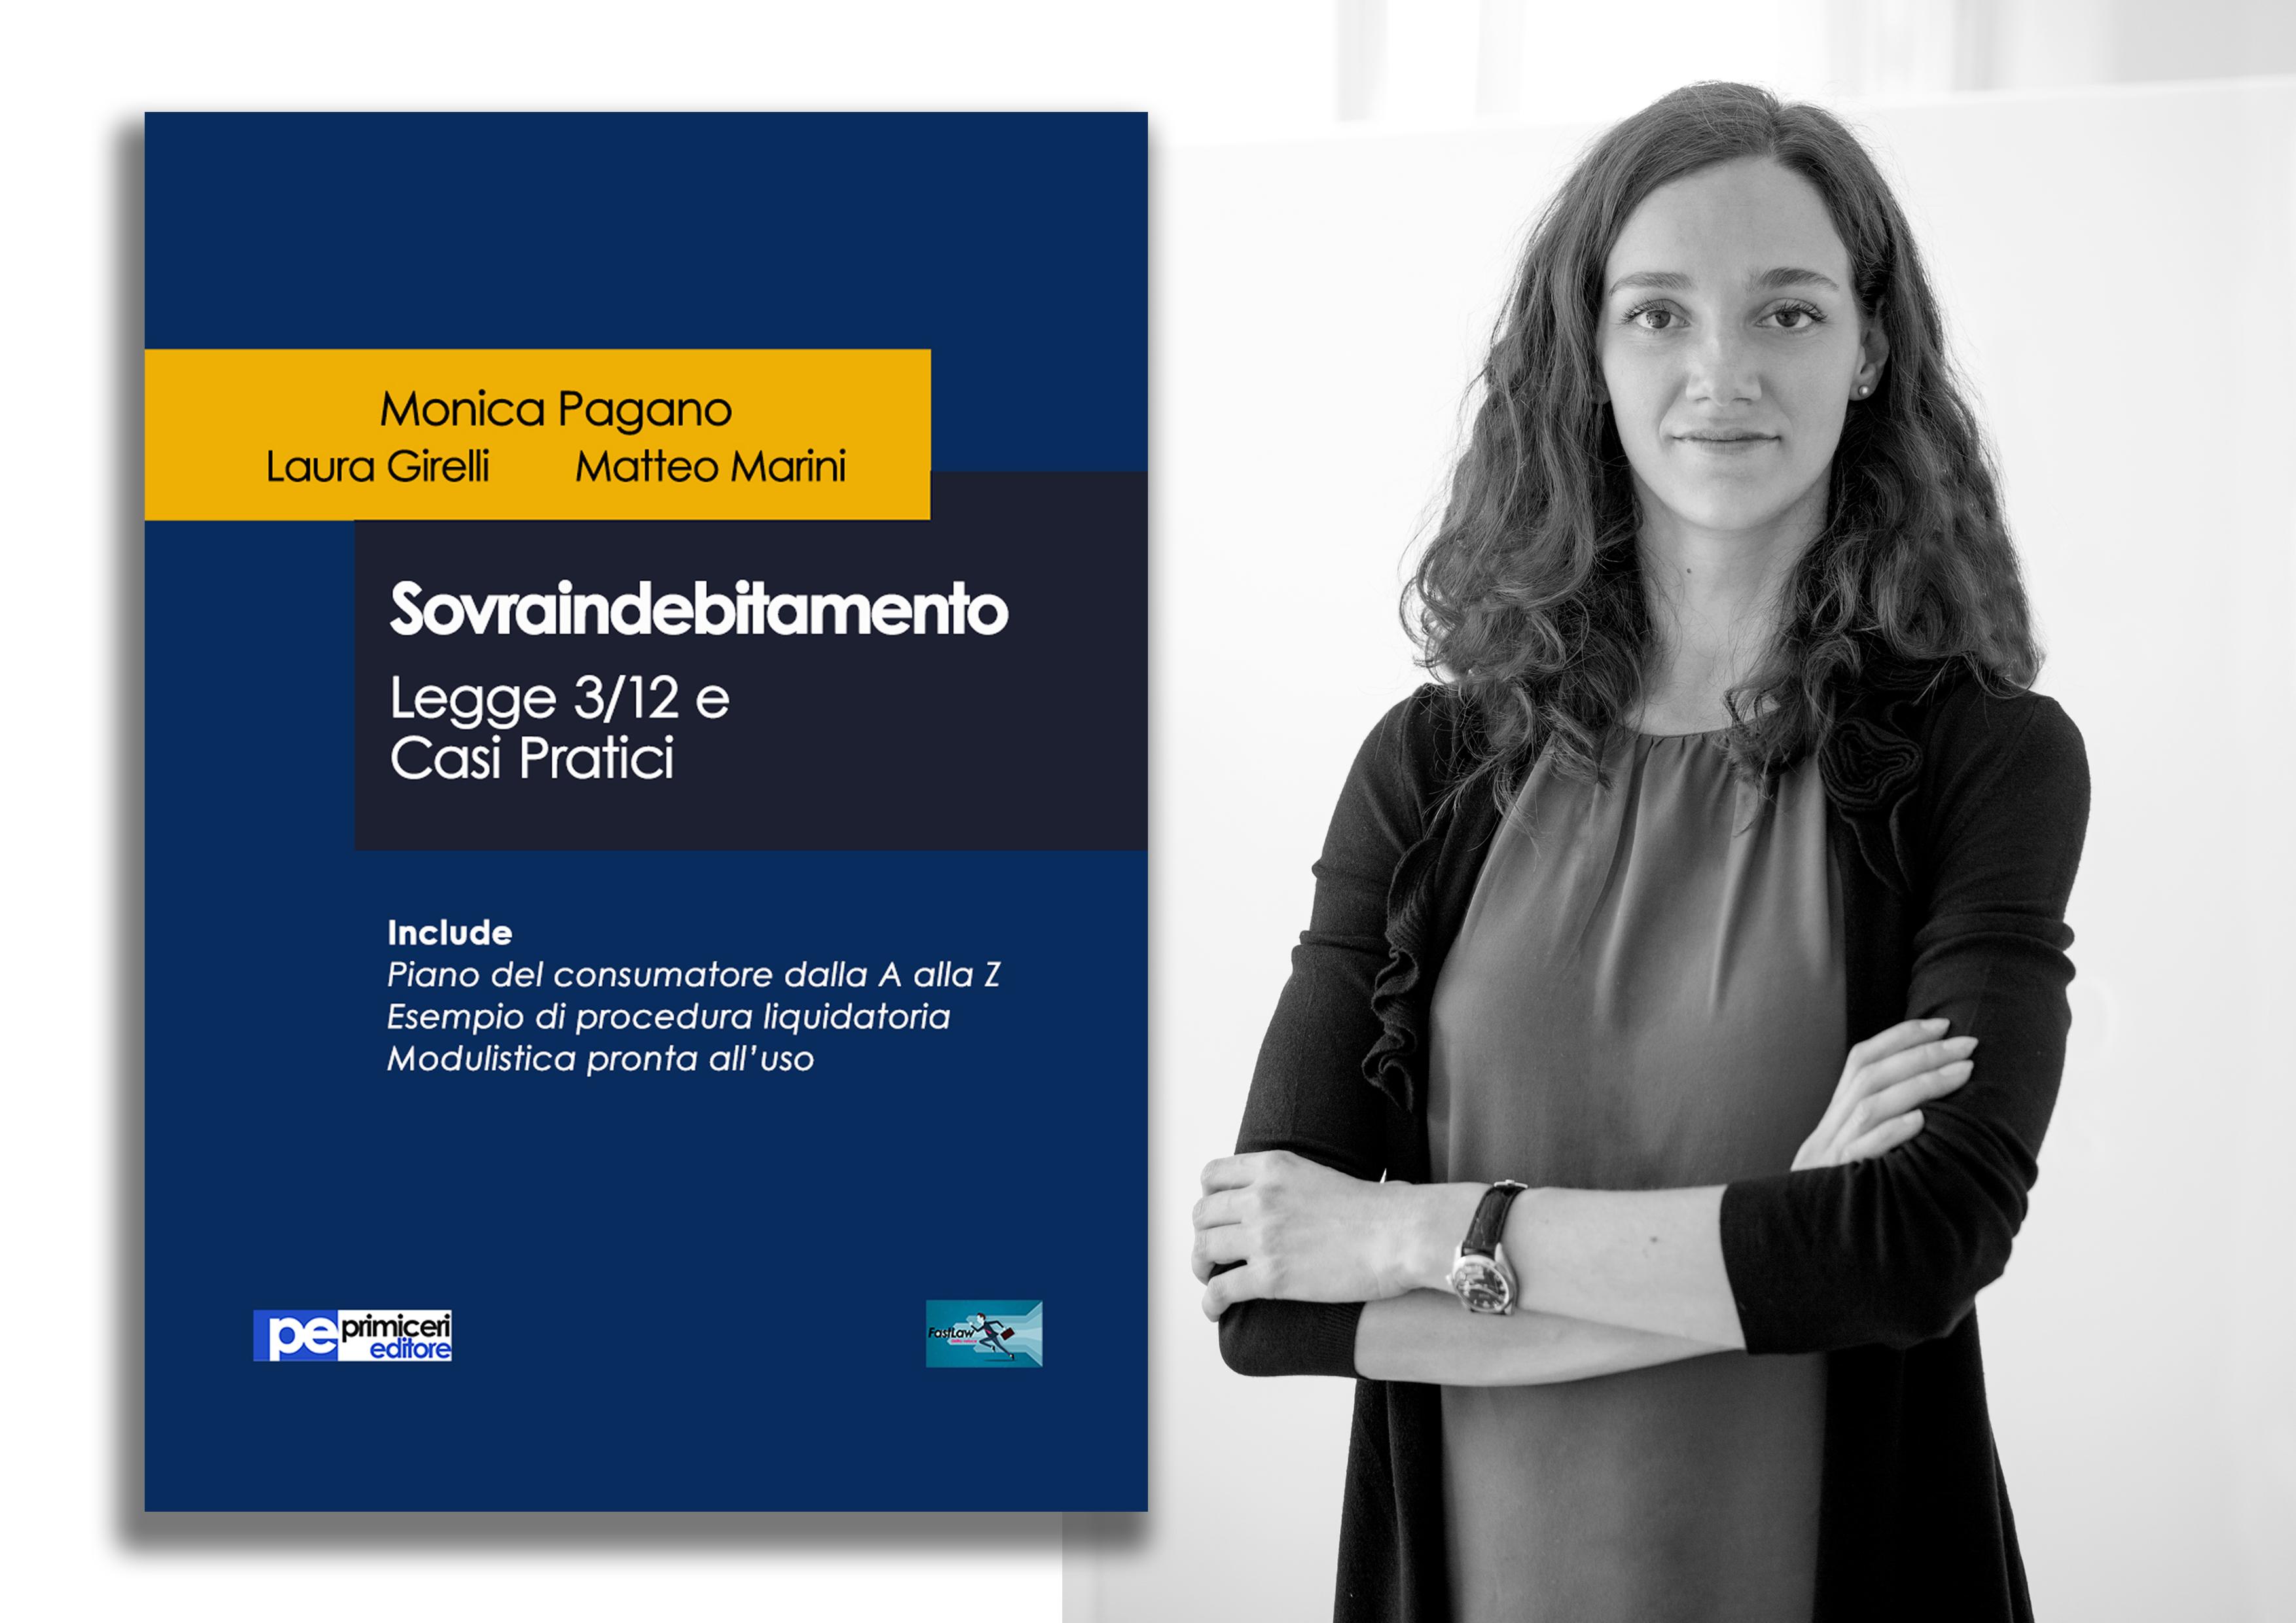 avvocato Girelli Sara Girelli Laura studio legale Brescia sovraindebitamento legge 3/2012 omologa piano del consumatore accordo e procedura liquidatoria